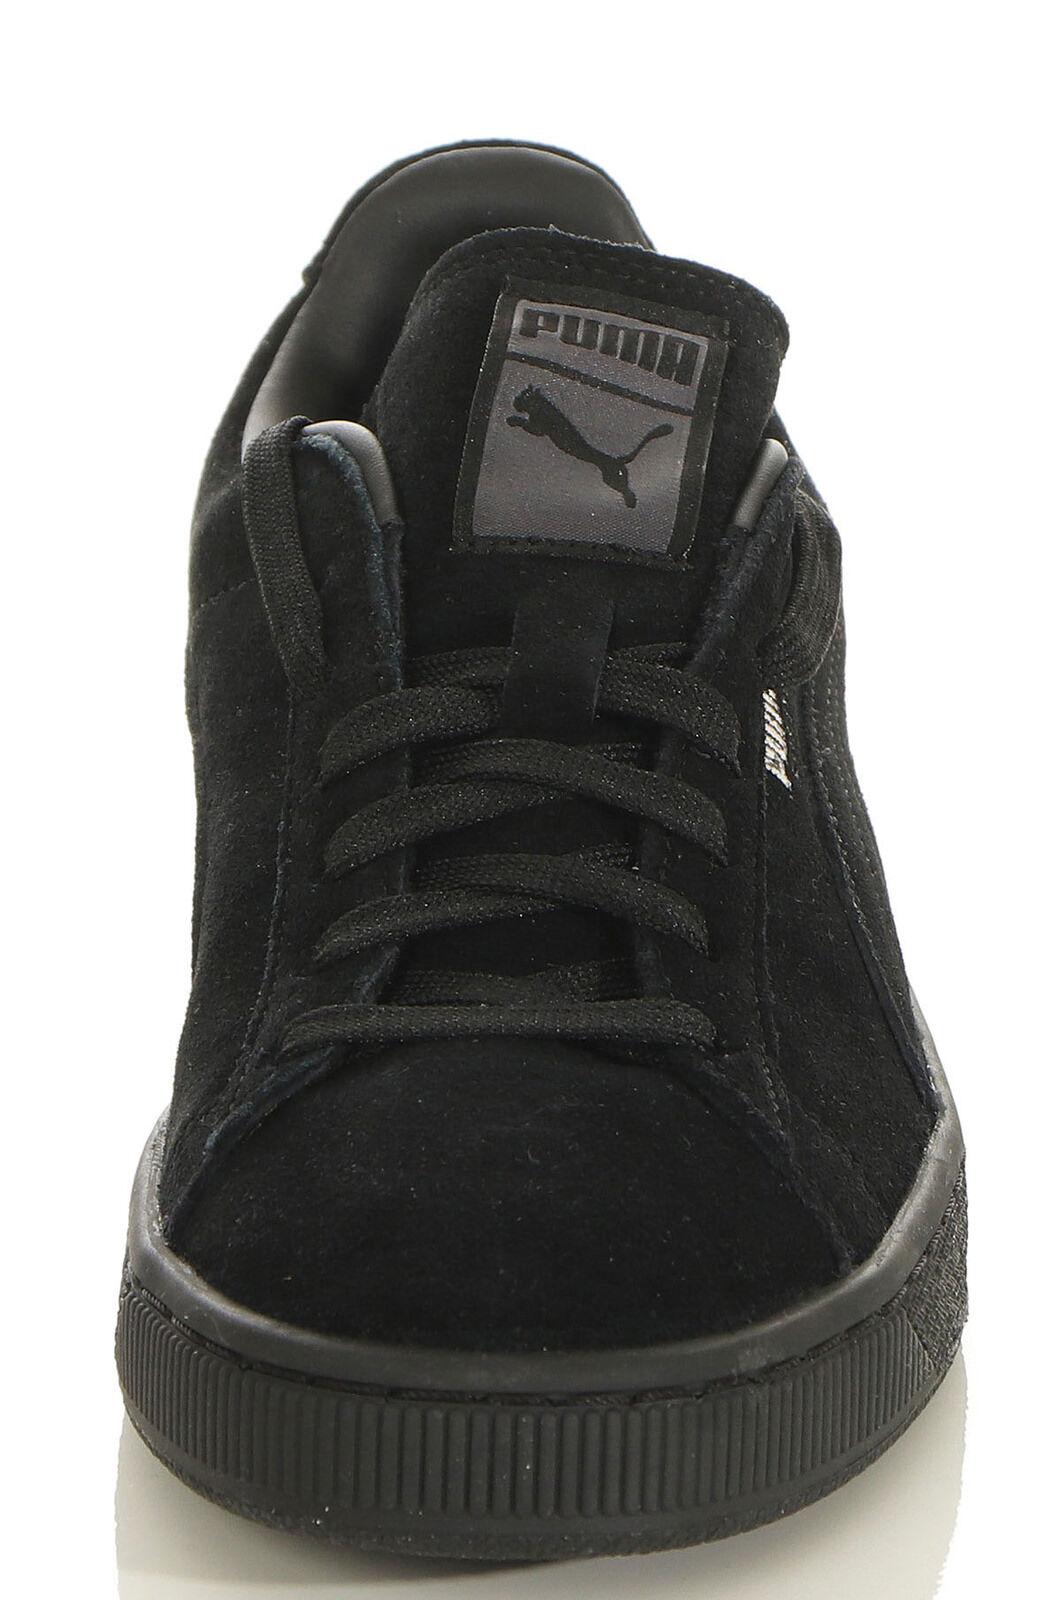 Puma Schuhe Leder Running Sneaker Turnschuhe Sport Running Leder Sportschuhe Freizeitschuhe a367c7